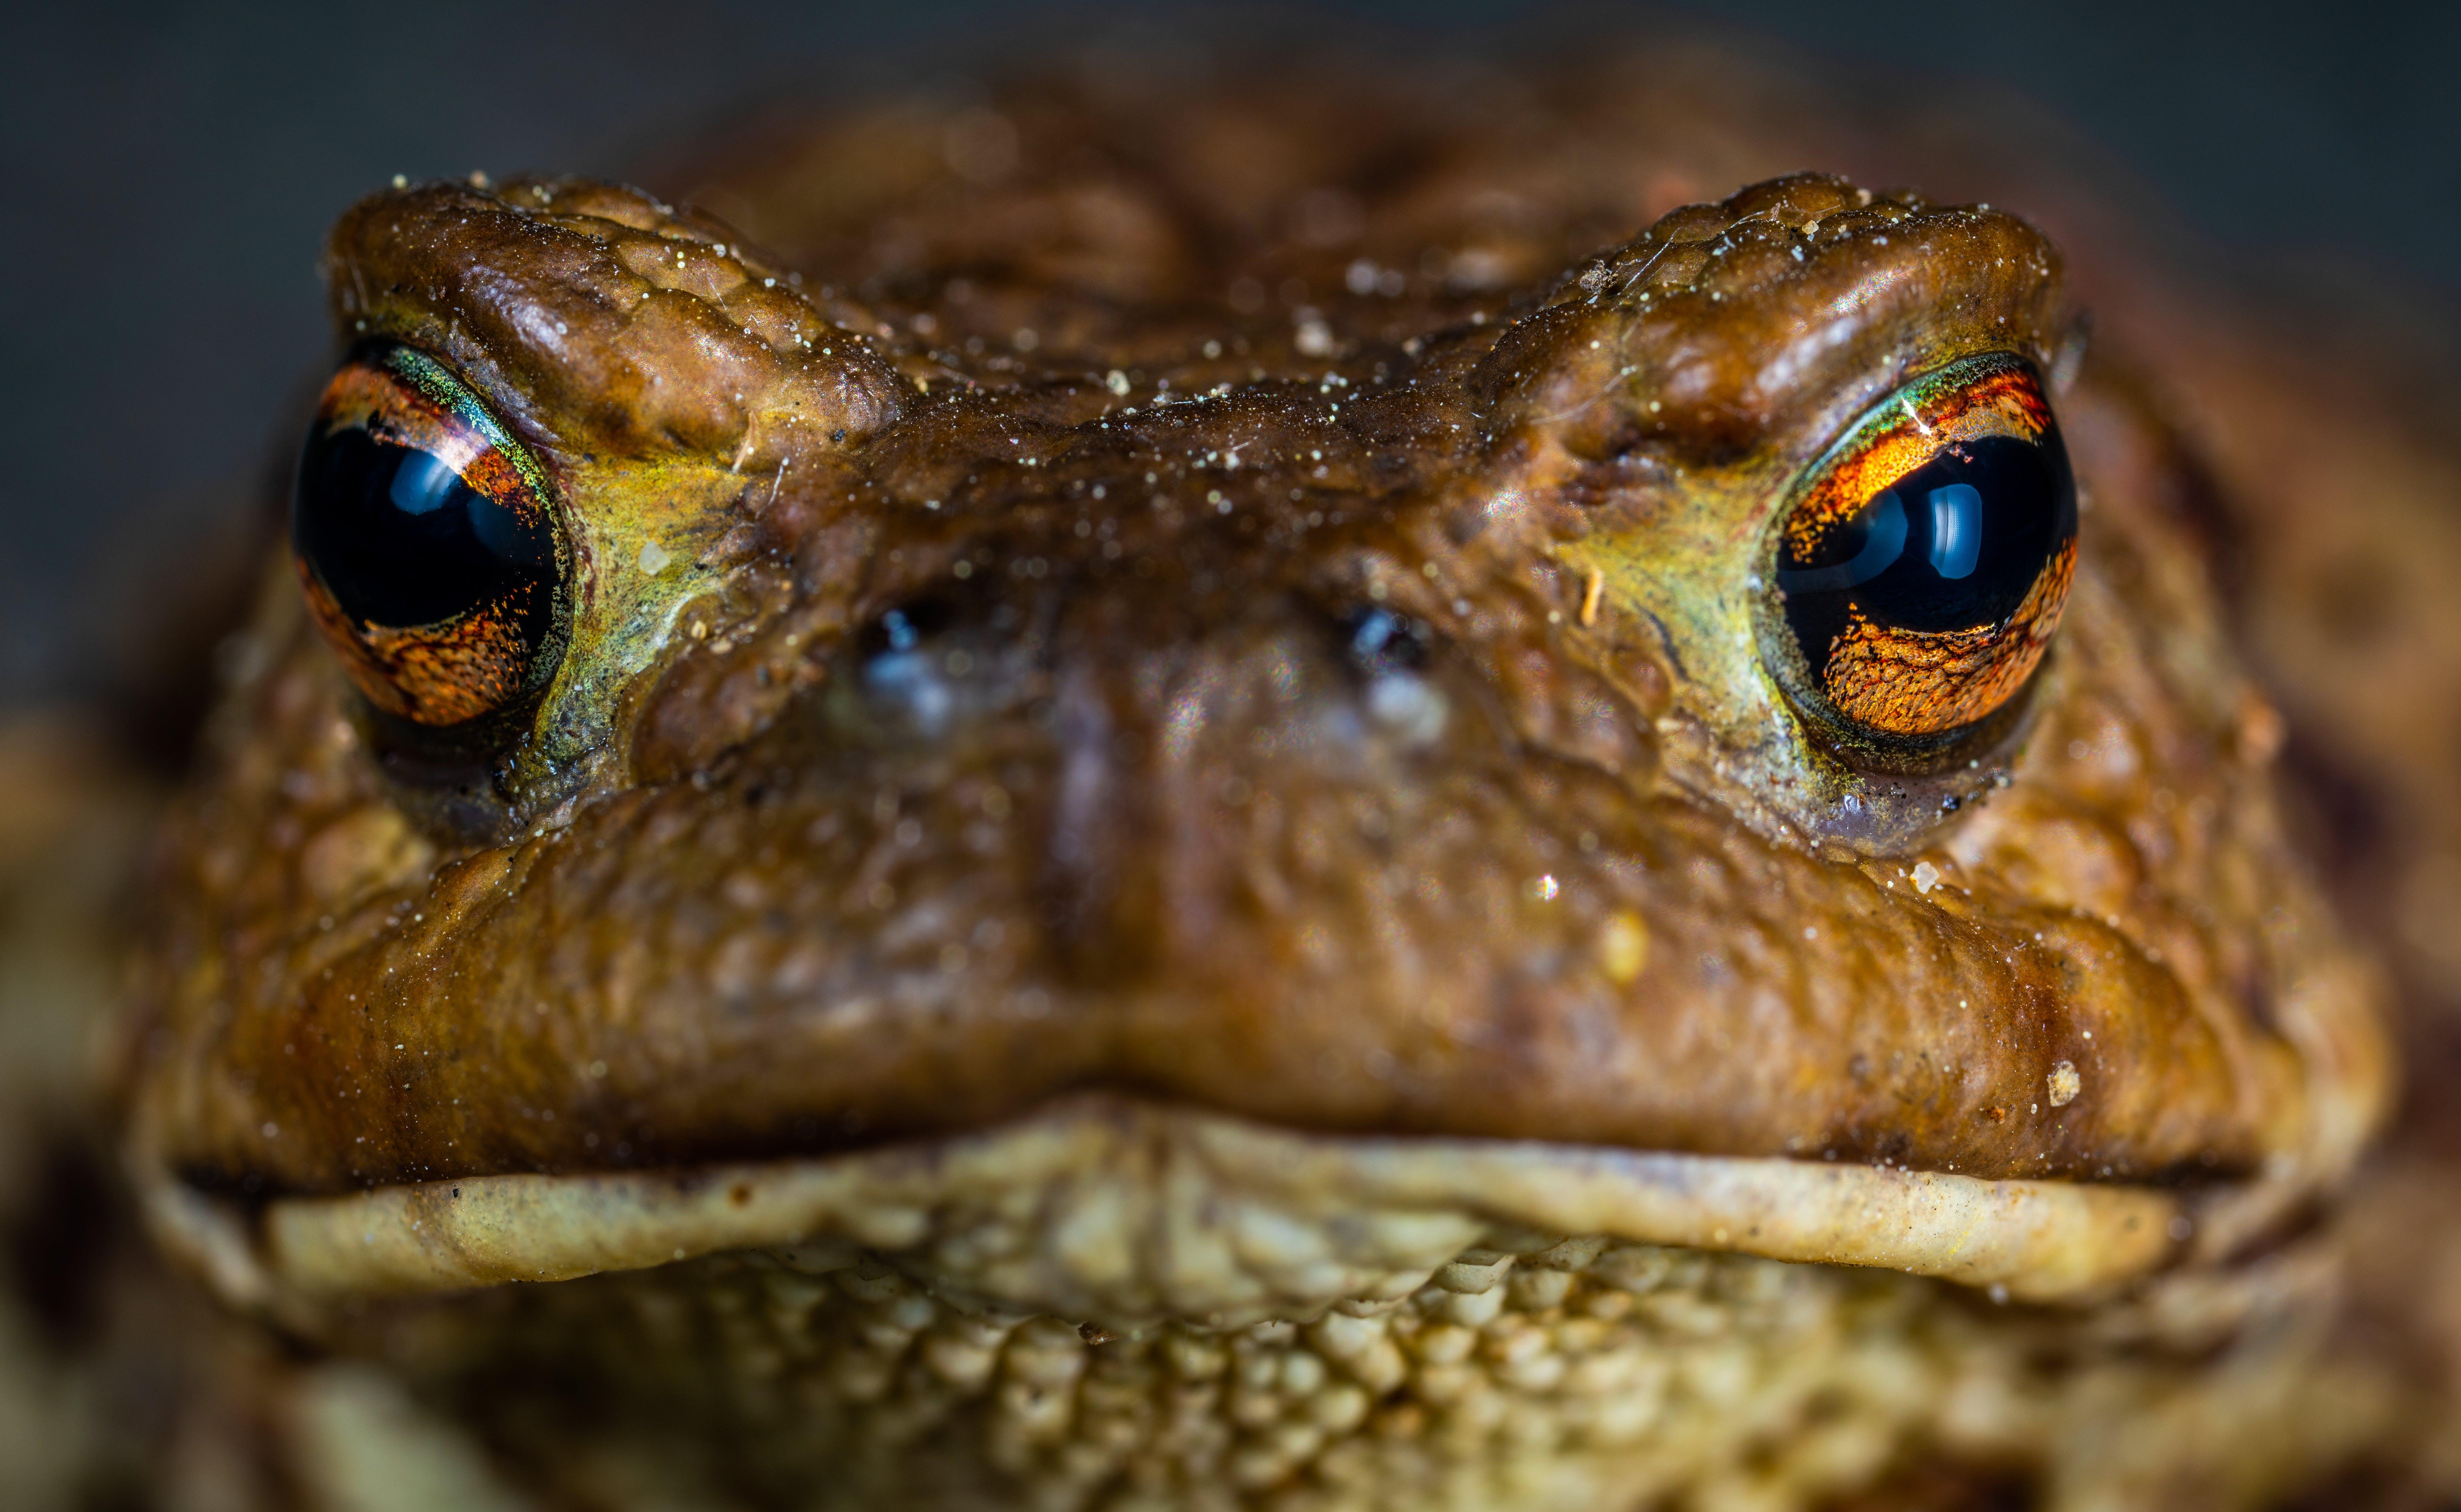 ぬるぬる, ねばねば, エキゾチック, カエルの無料の写真素材